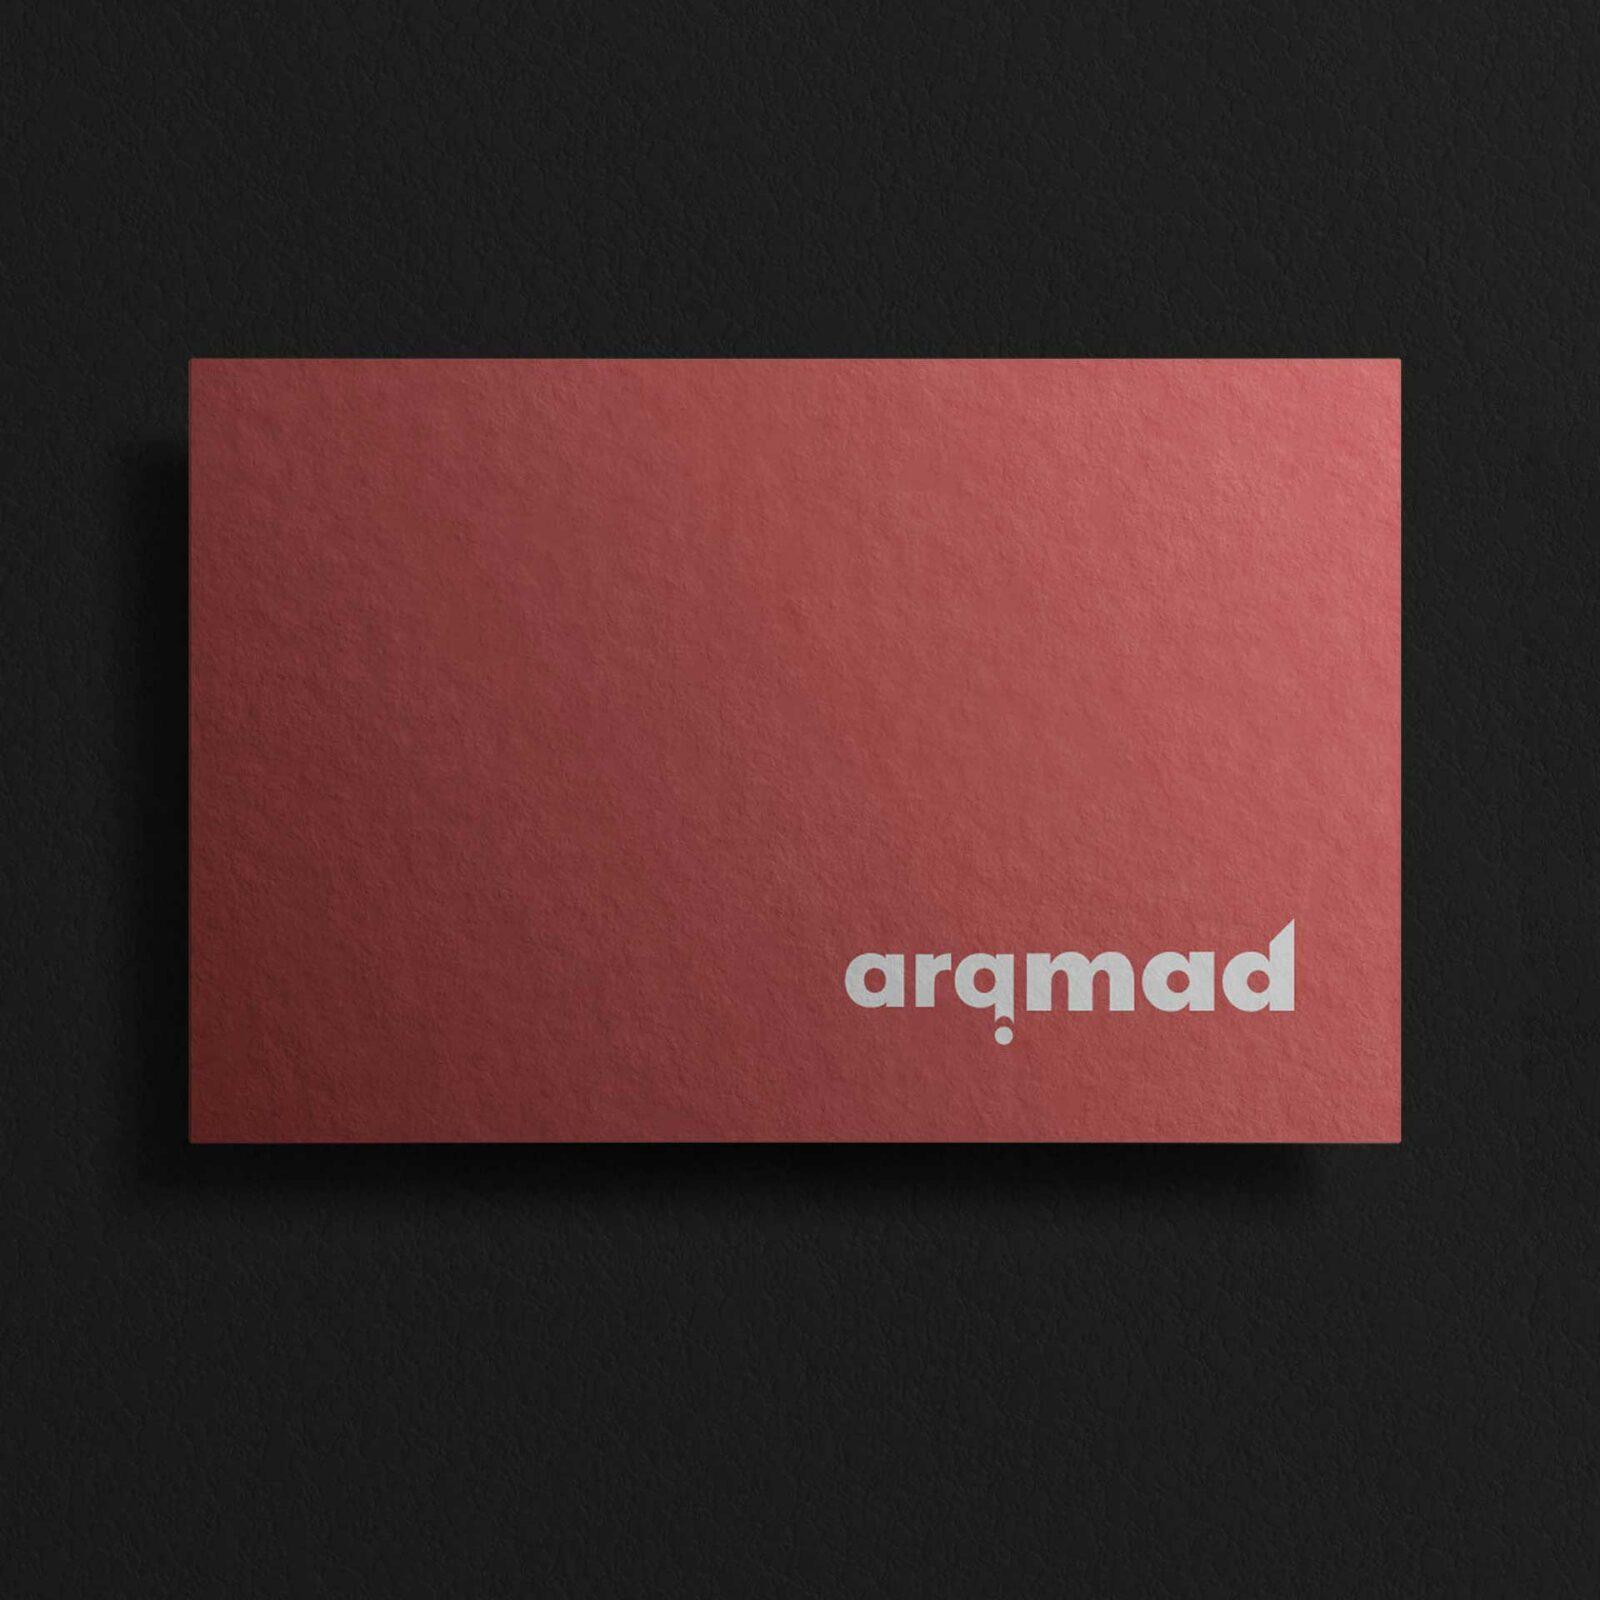 dqarquitectura-diseno-grafico-tarjeta-visita-arquitectos-cara